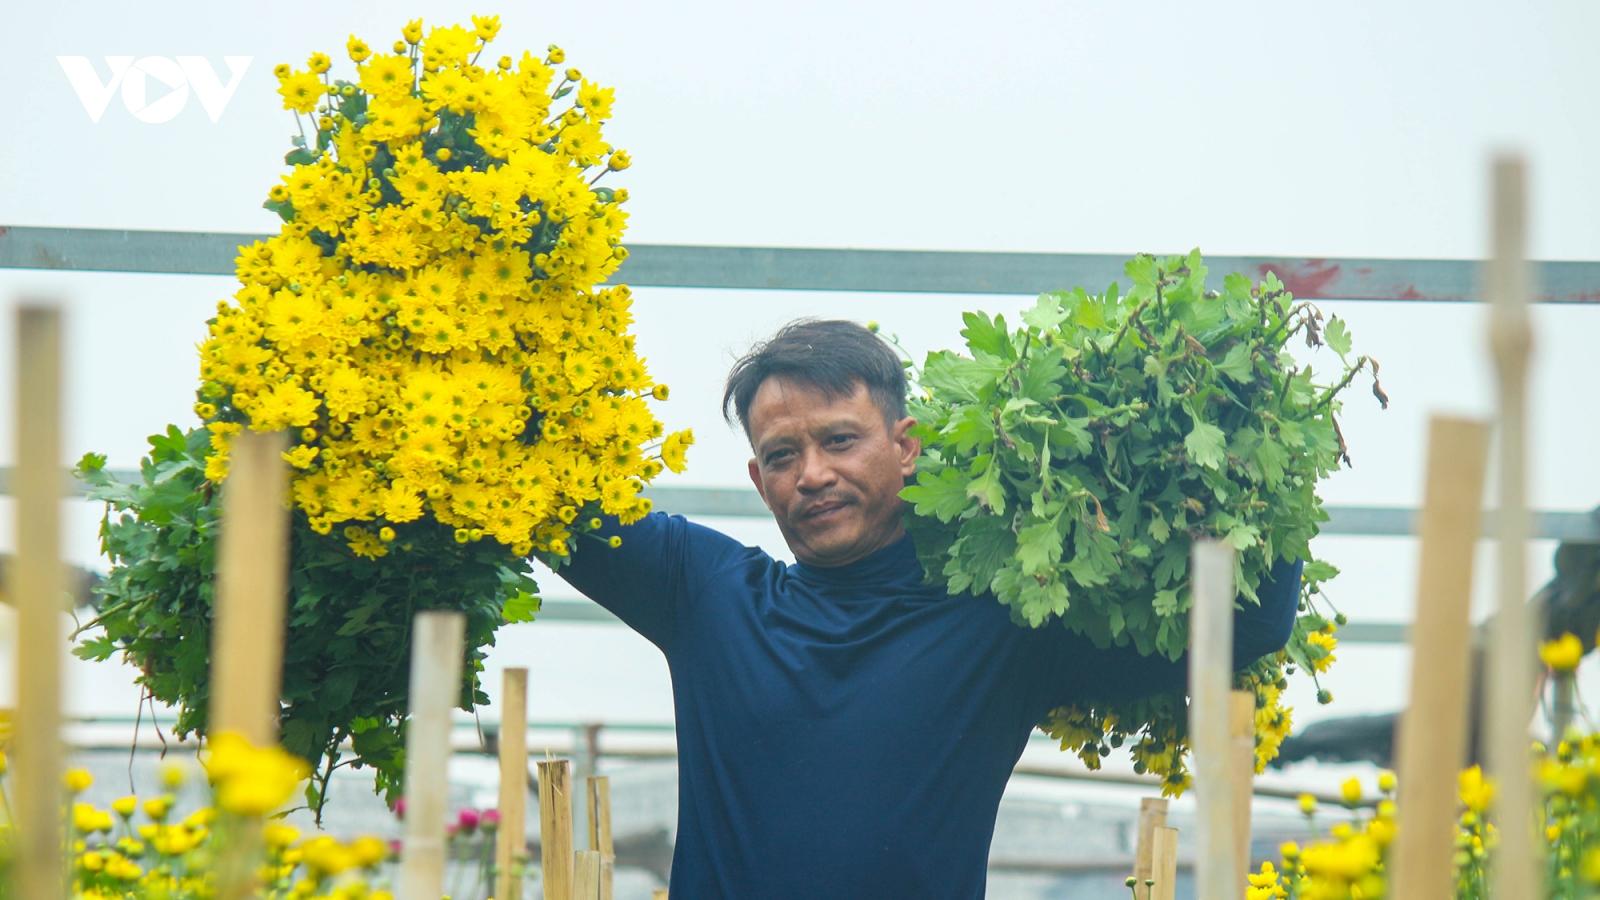 Làng hoa Tây Tựu đã sẵn sàng phục vụ cho dịp Tết Nguyên Đán